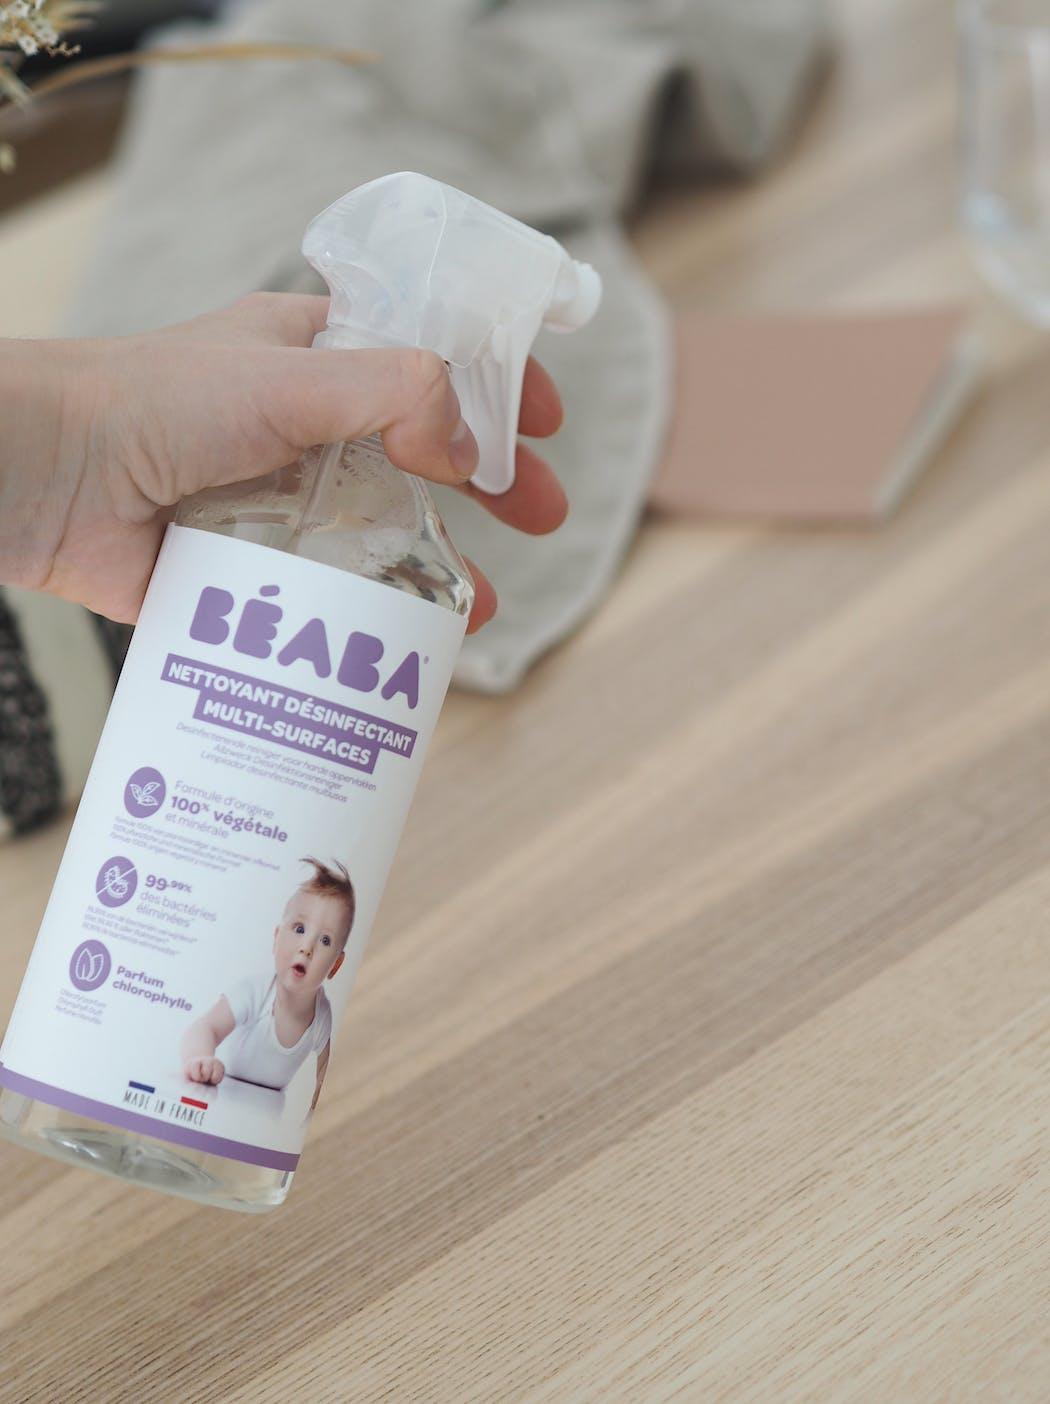 Nettoyant désinfectant de BEABA